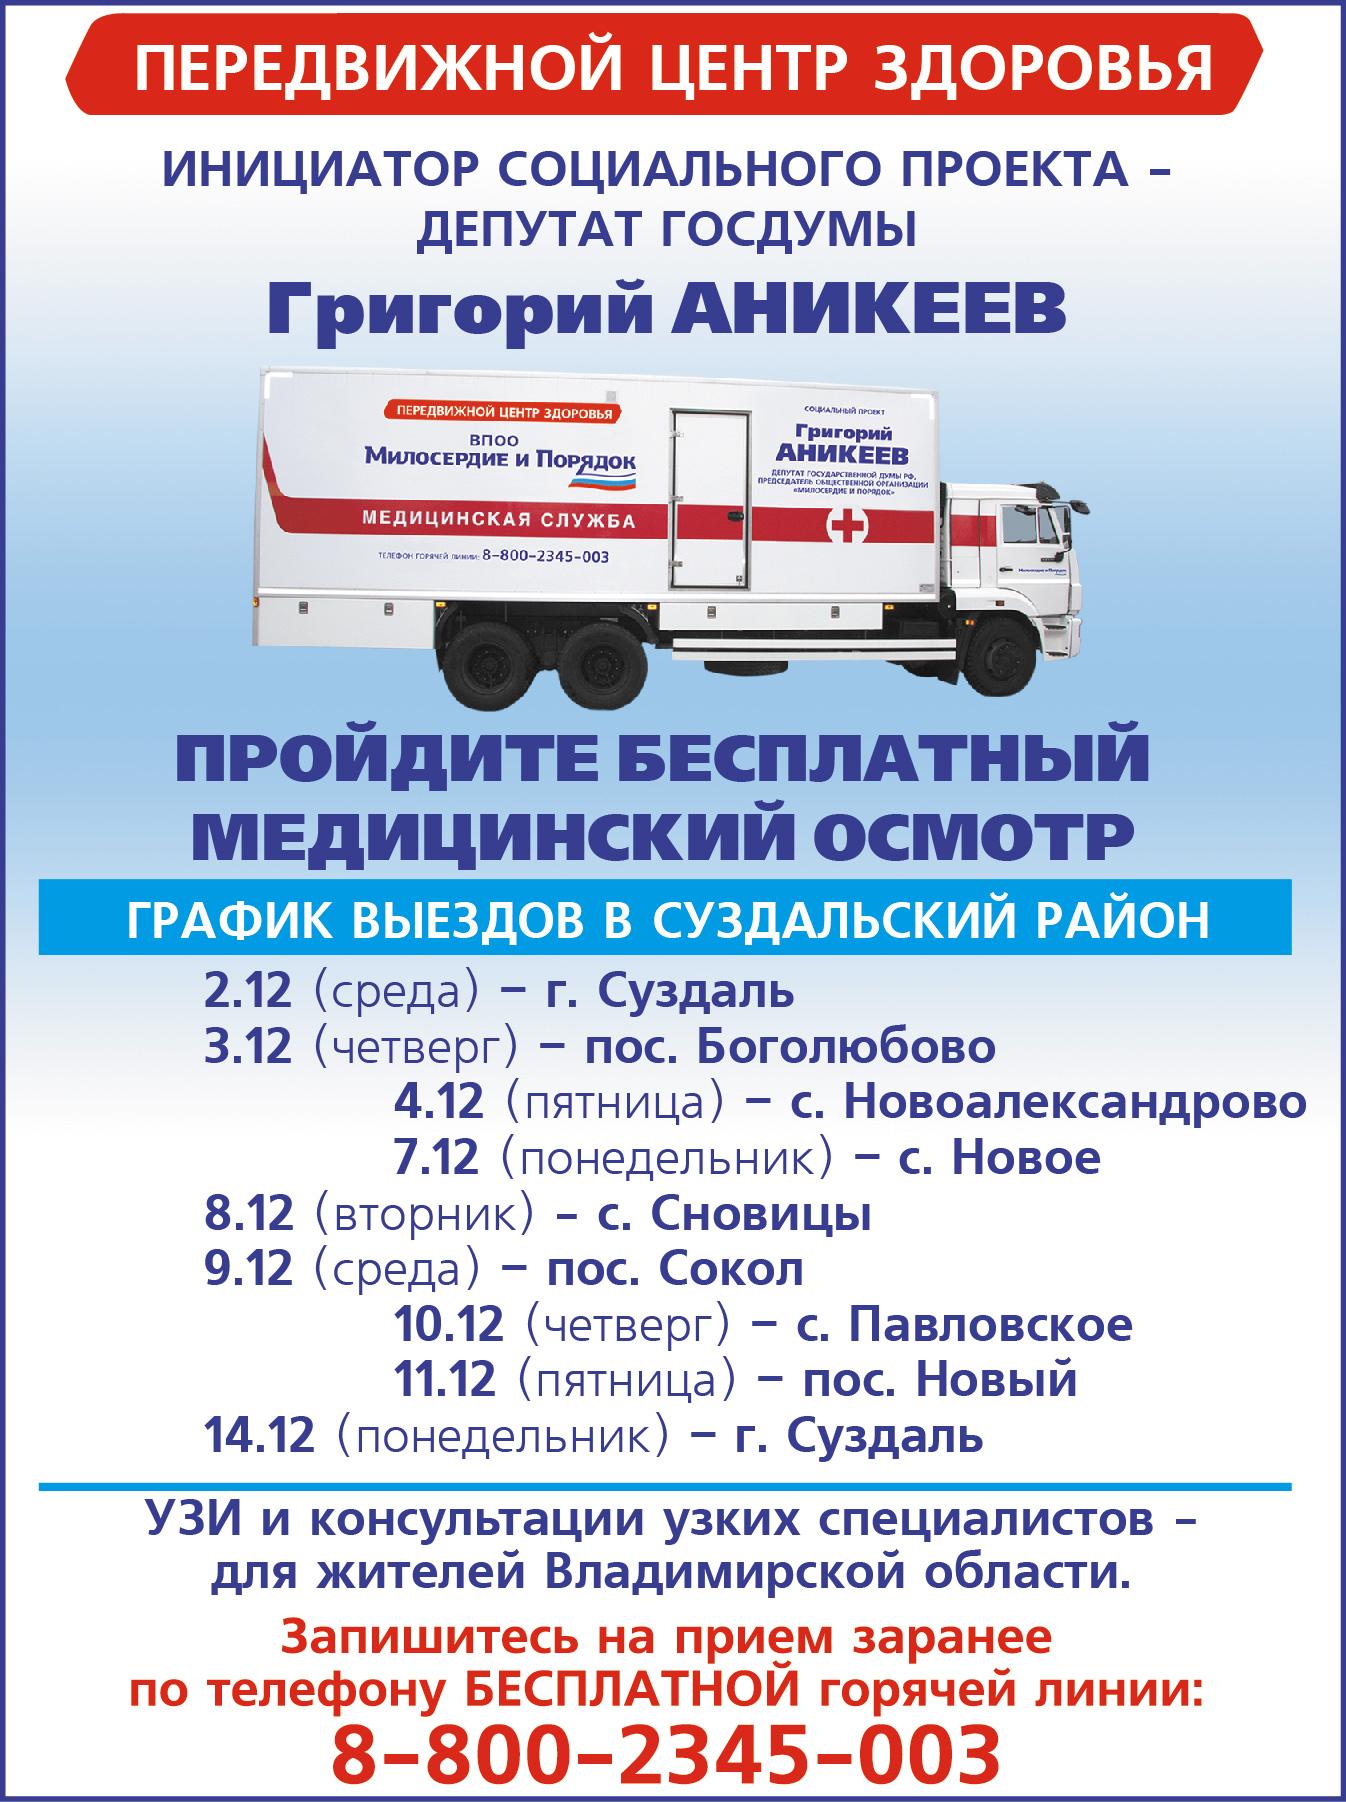 Передвижной центр здоровья